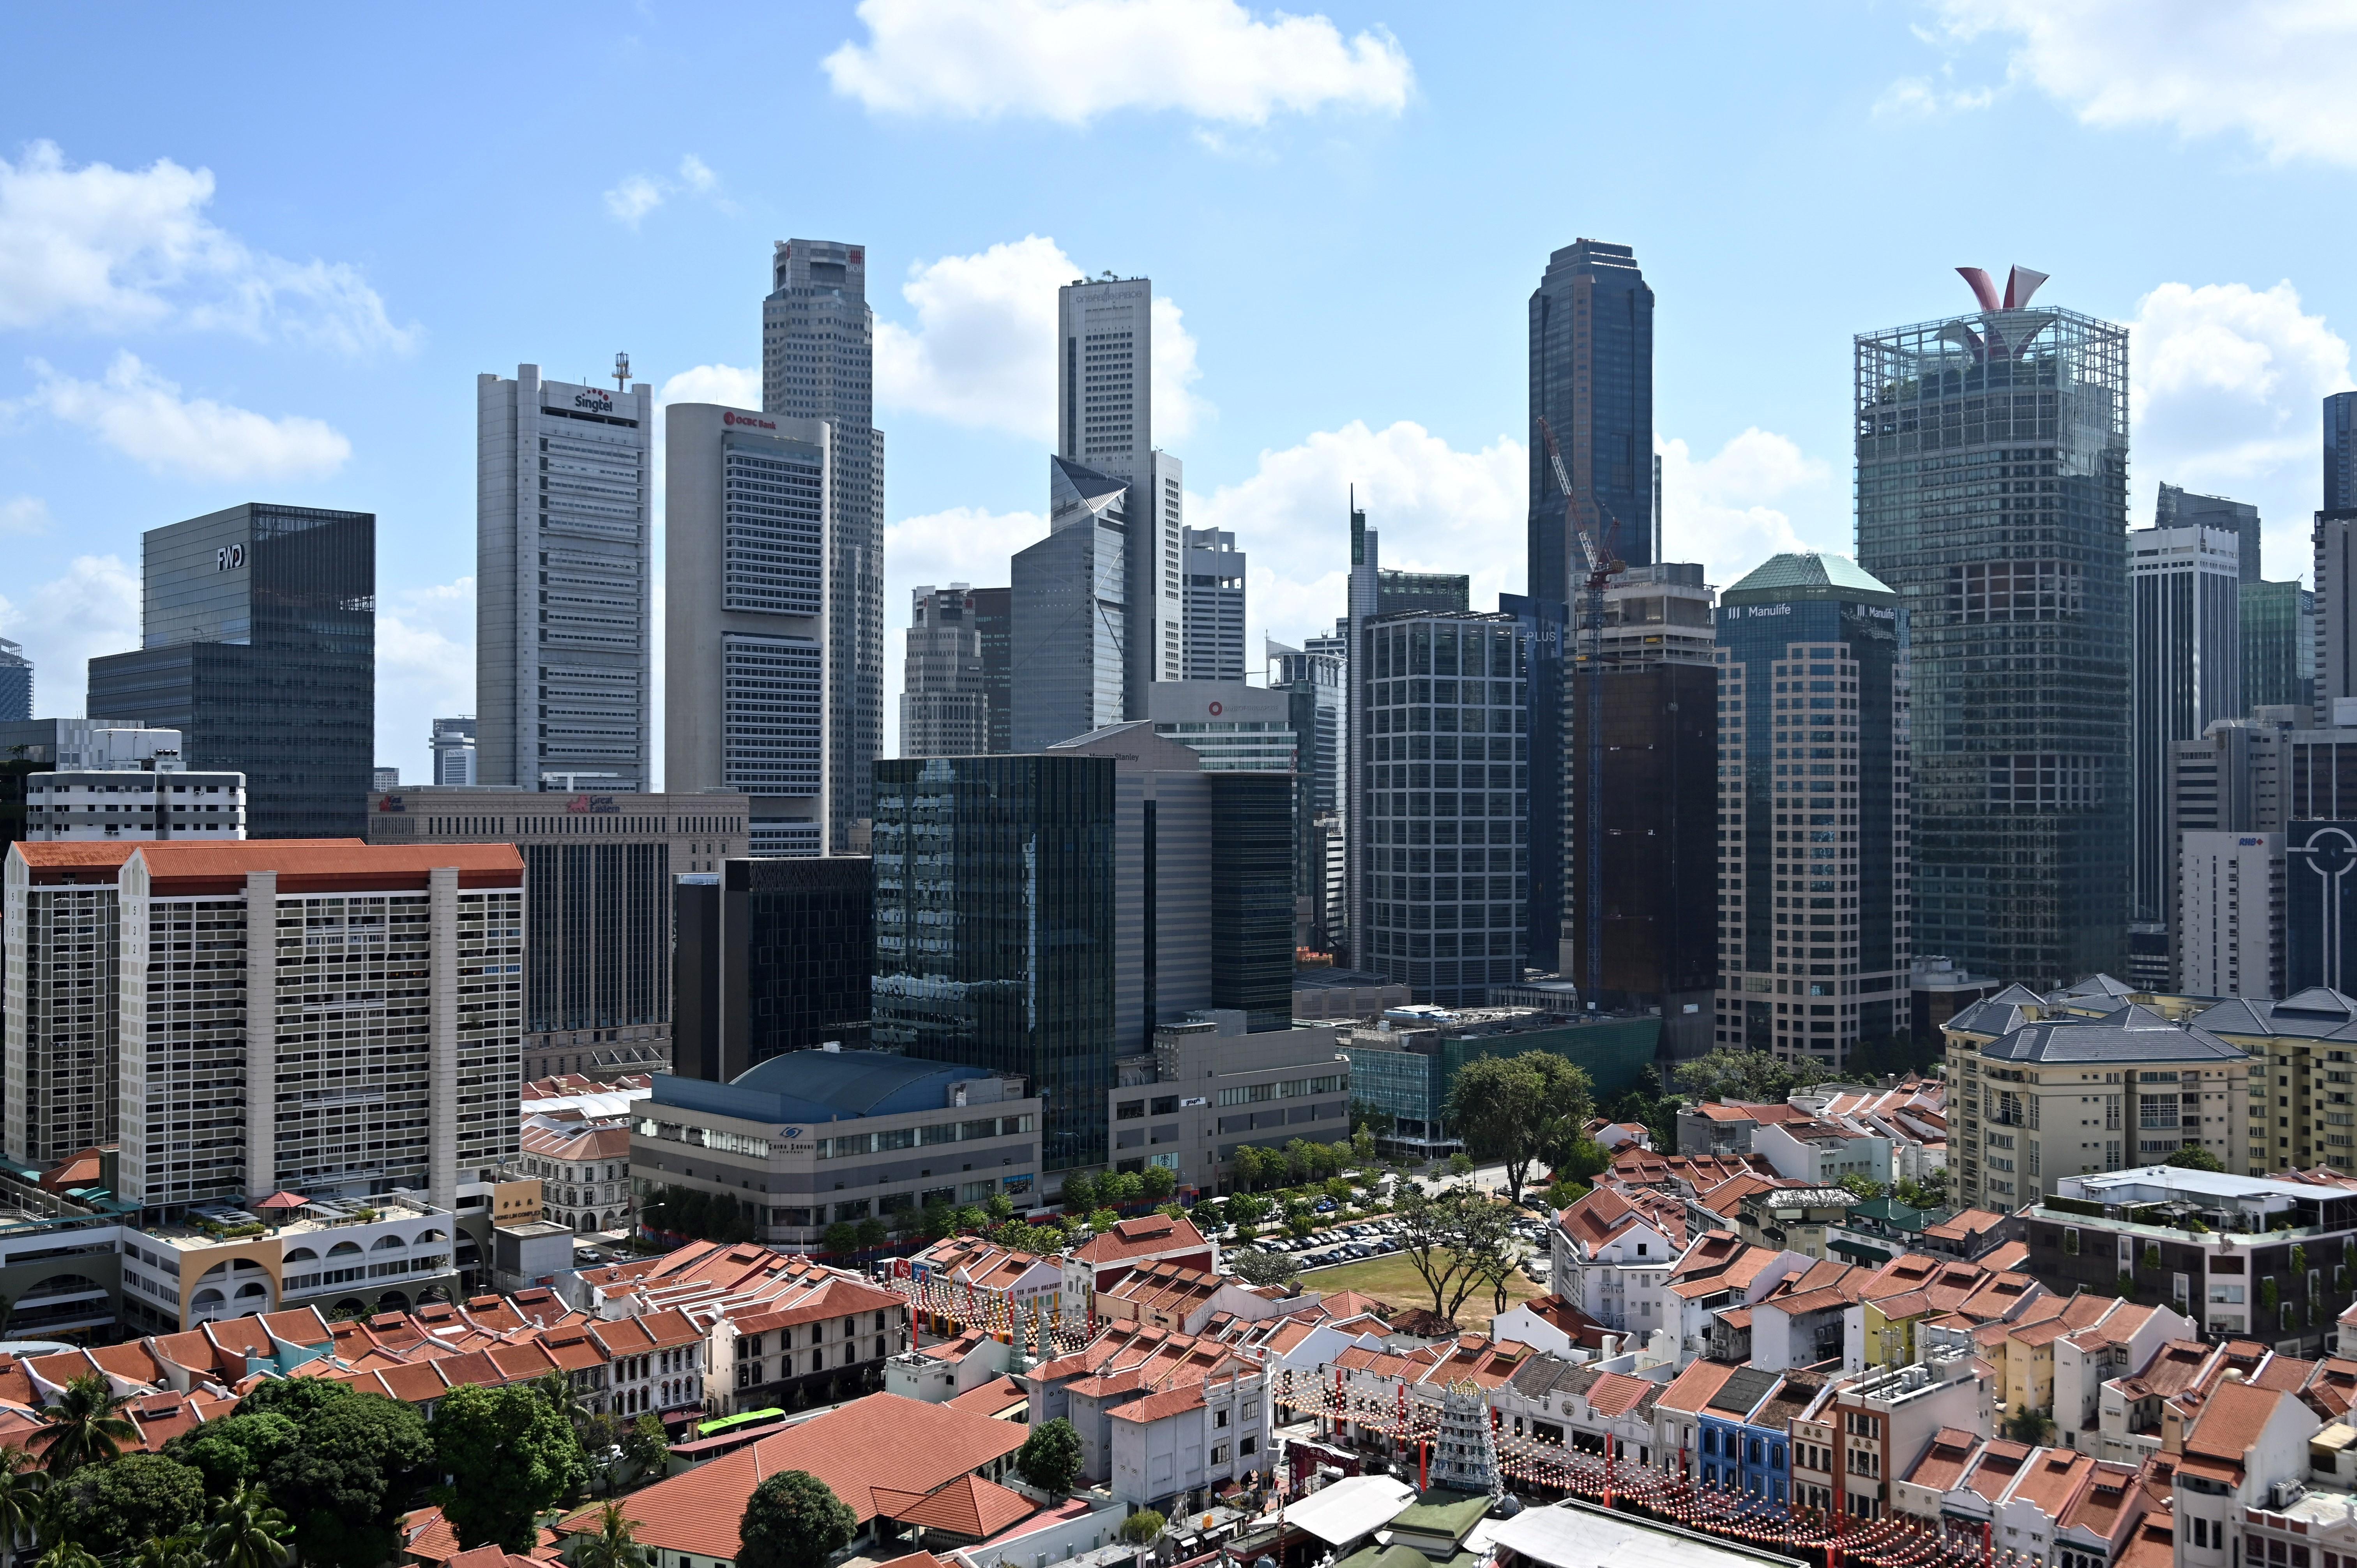 ETH Zurich Singapore